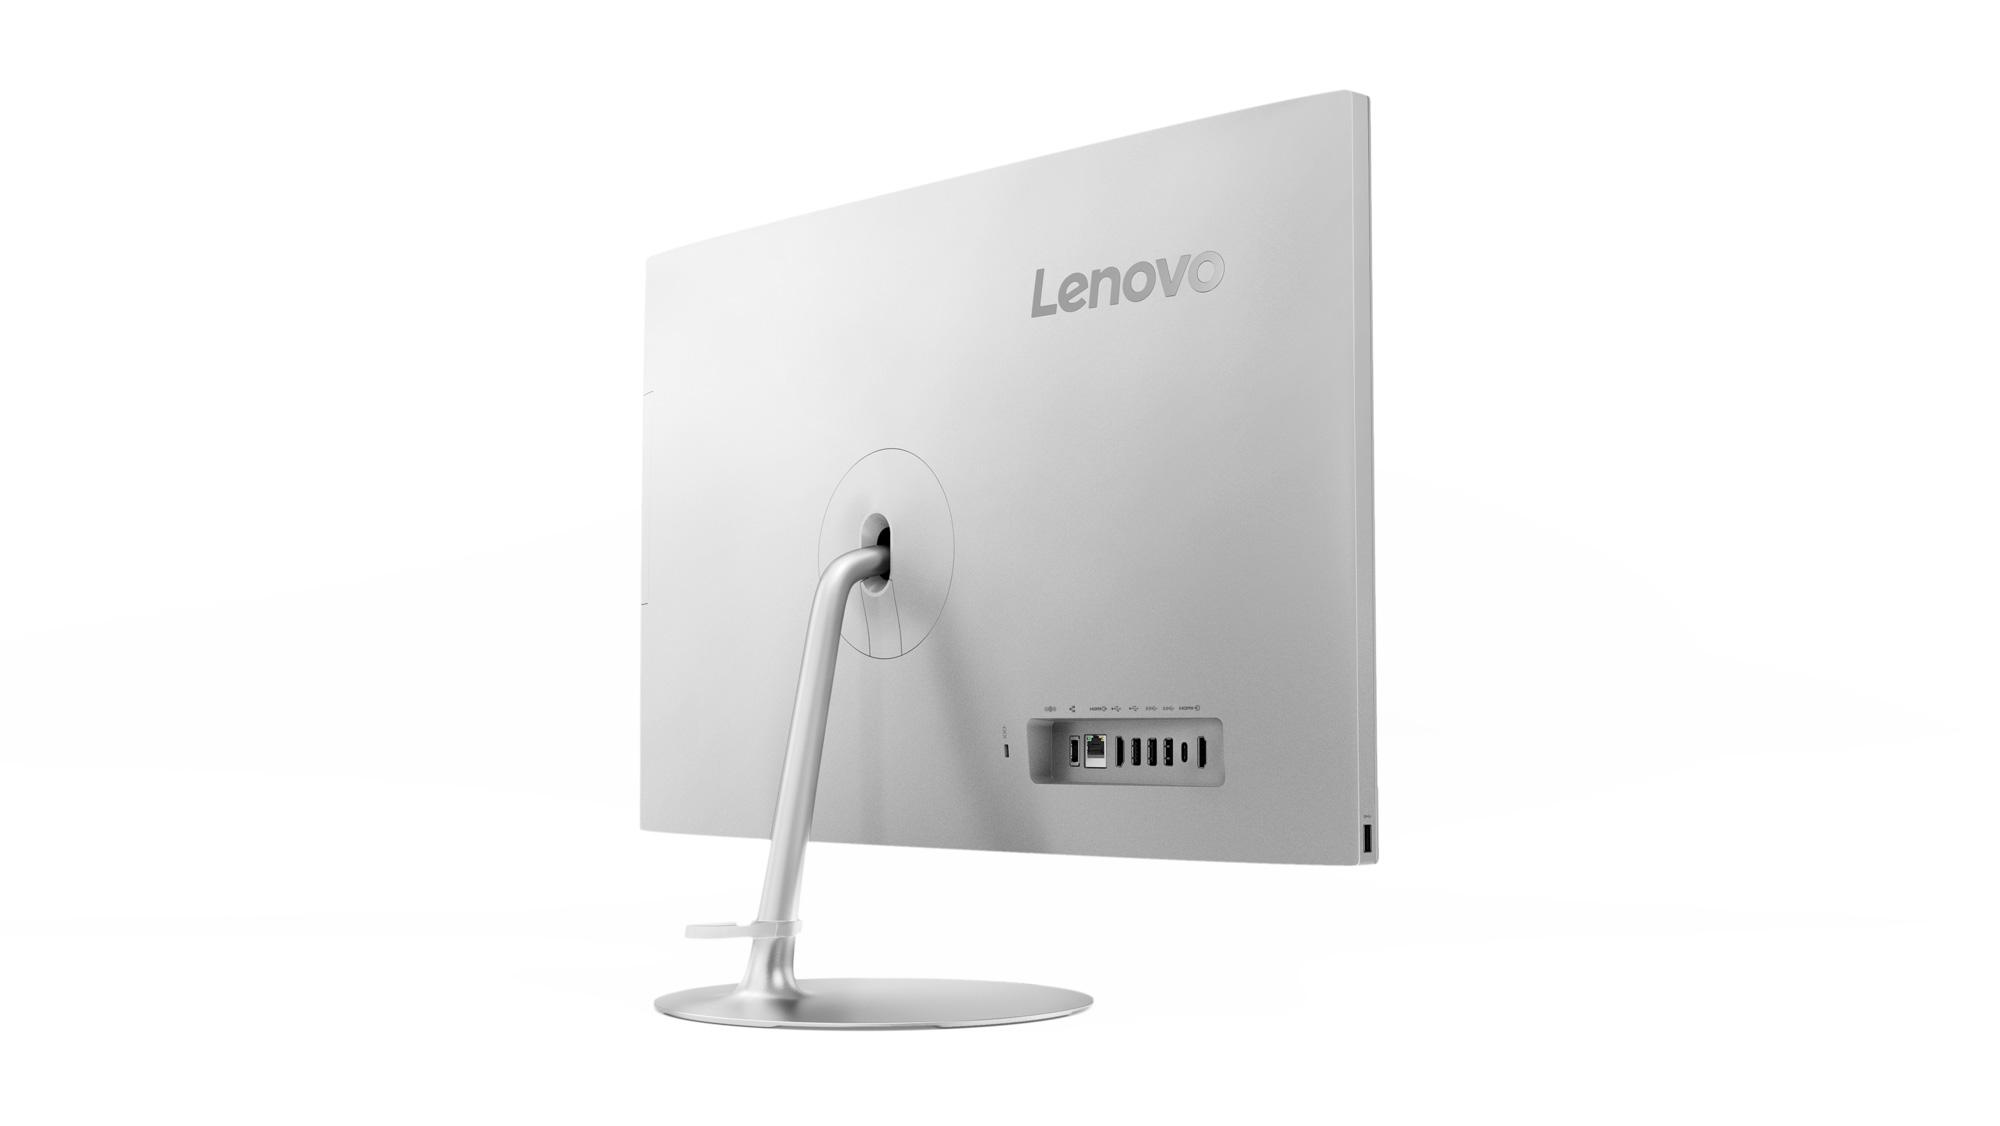 Фото  Моноблок Lenovo ideacentre 520-27 (F0D0002BUA)